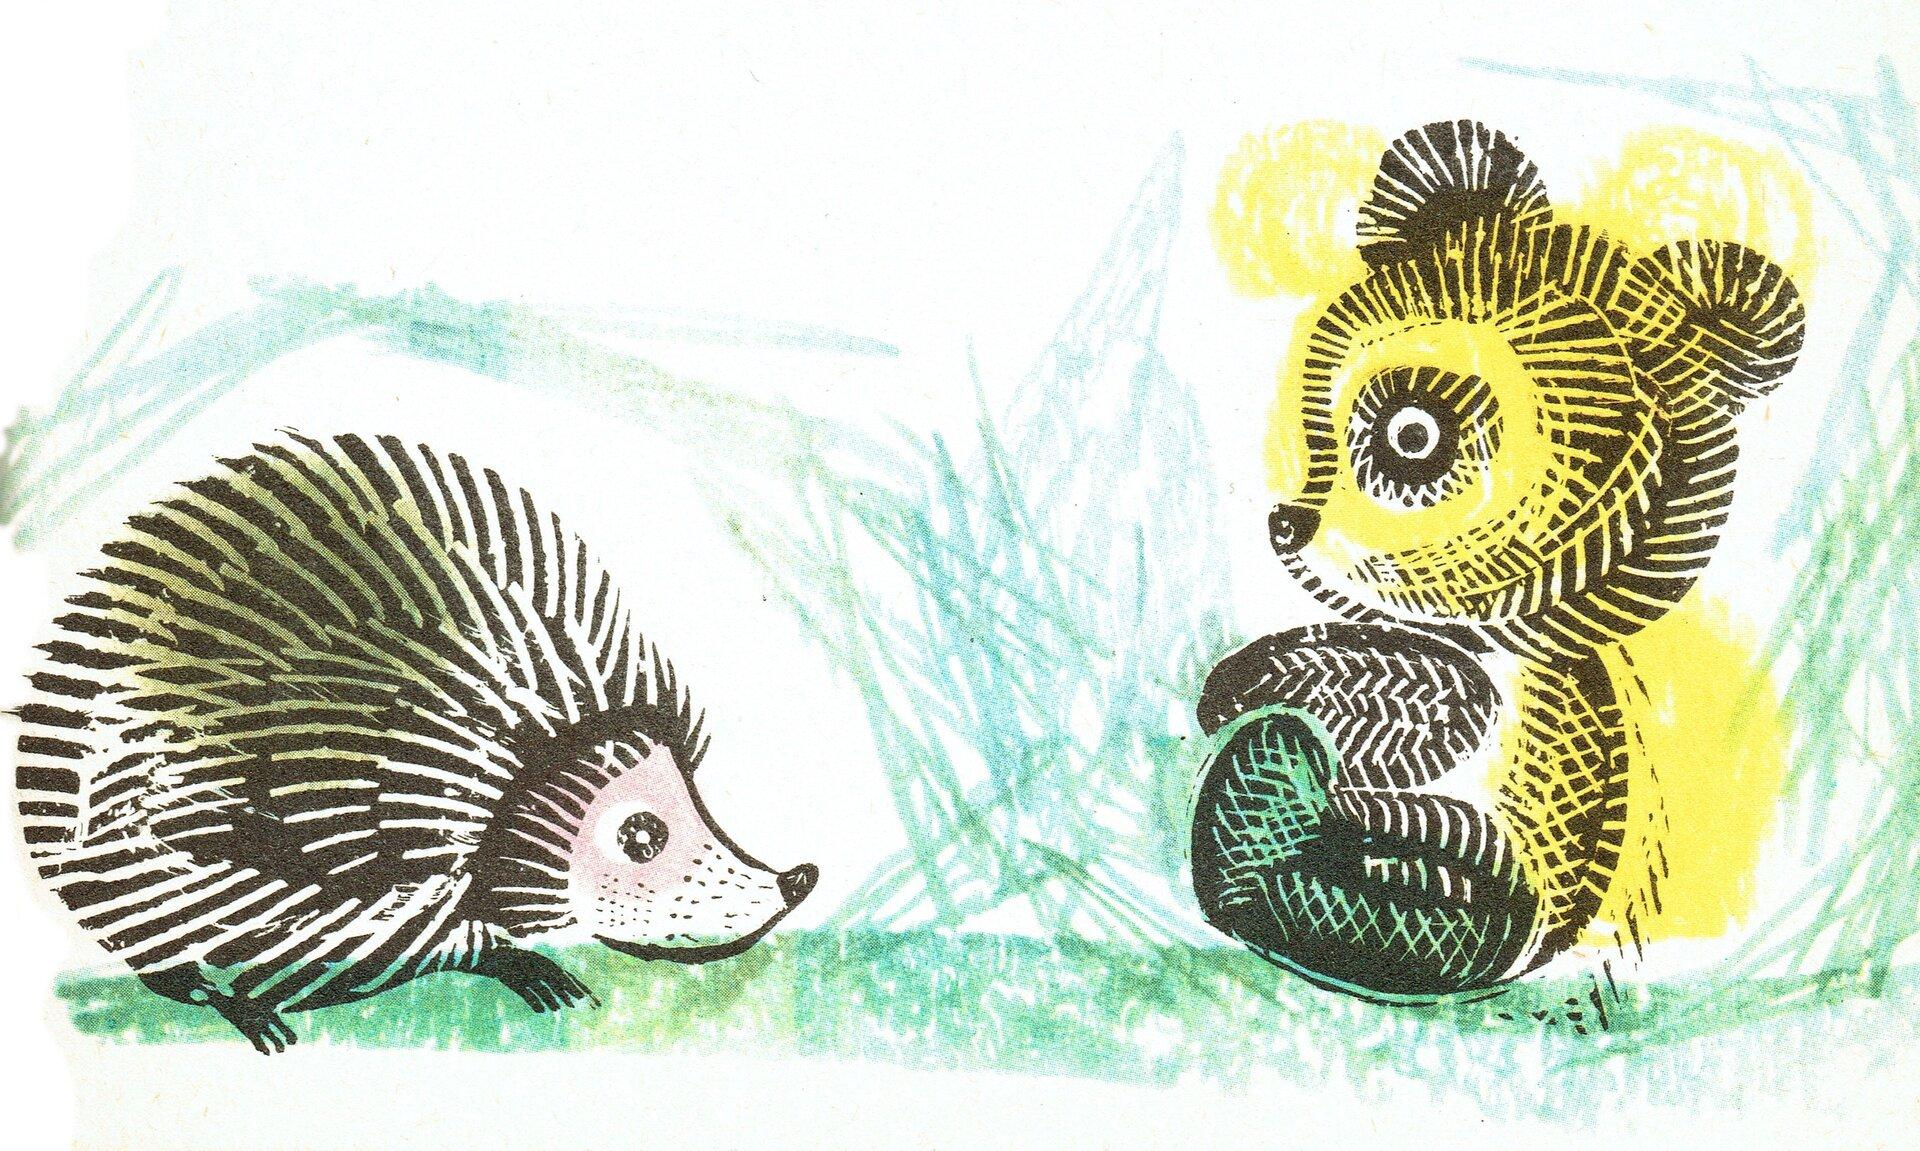 """Ilustracja przedstawia grafikę zksiążki dla dzieci Janiny Porazińskiej """"Pamiętnik Czarnego Noska"""", na której znajduje się miś oraz jeż. Oboje siedzą na trawie. Otoczeni są zielenią."""